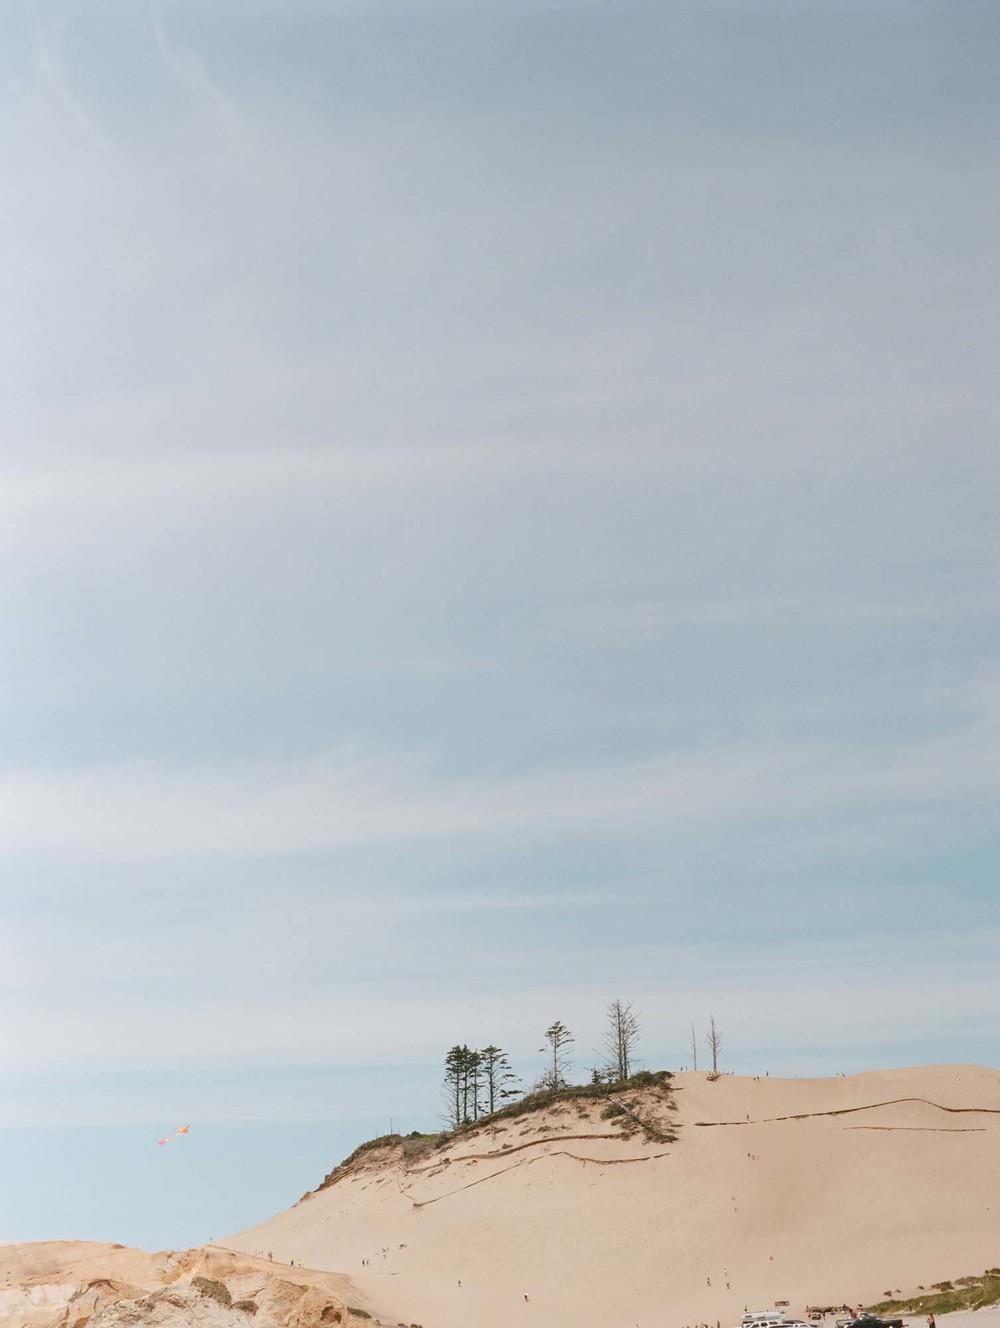 cape kiwandas beach